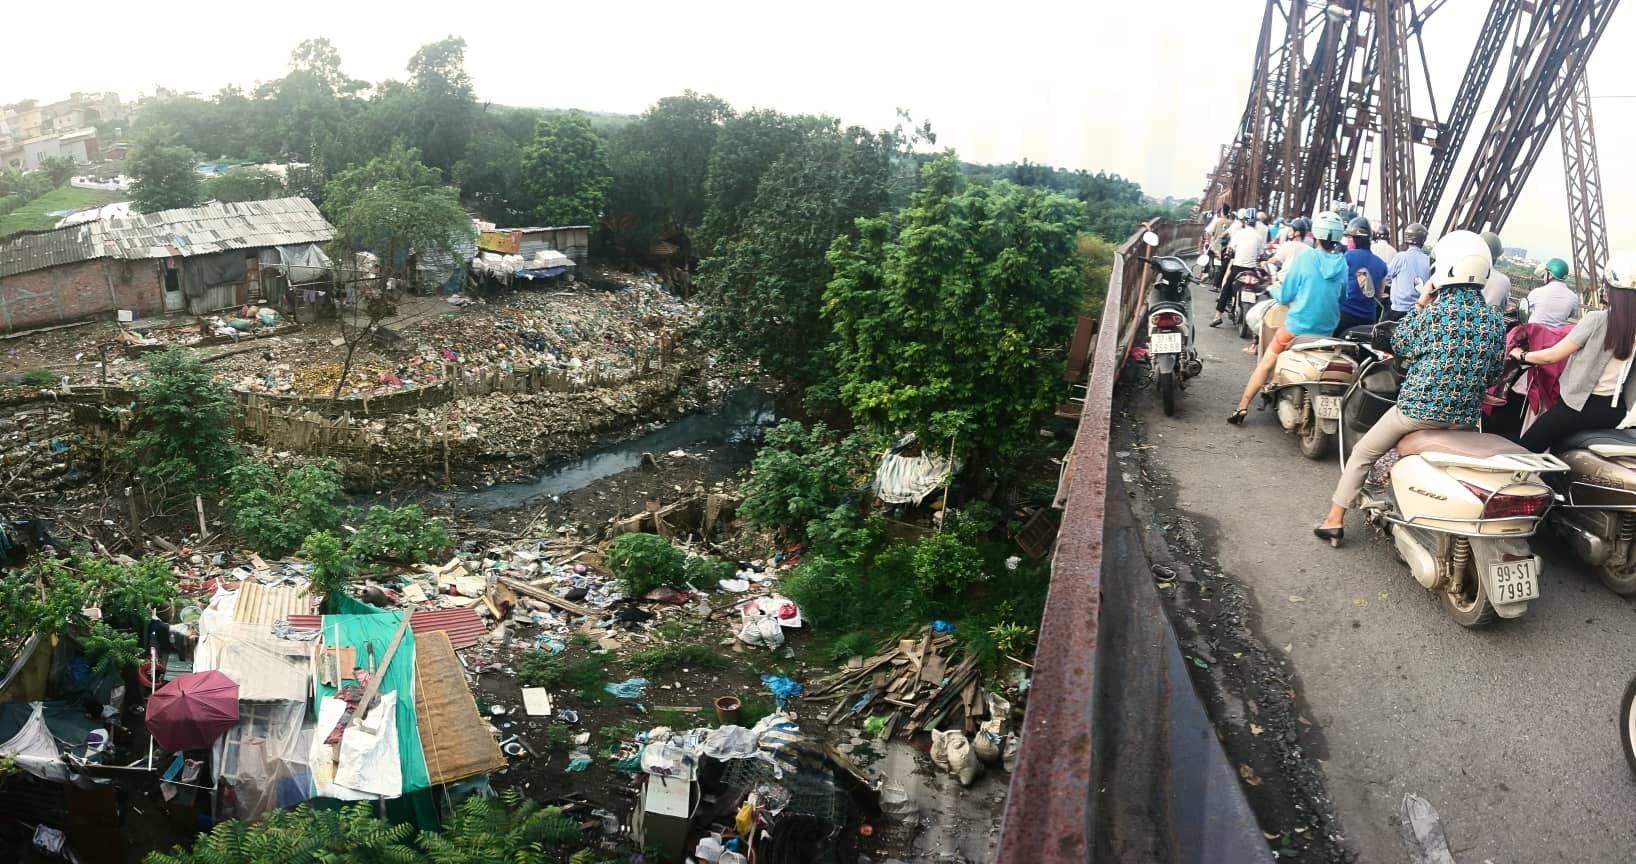 Thực trạng rác thải sinh hoạt ở Hà Nội đang ngày càng nghiêm trọng